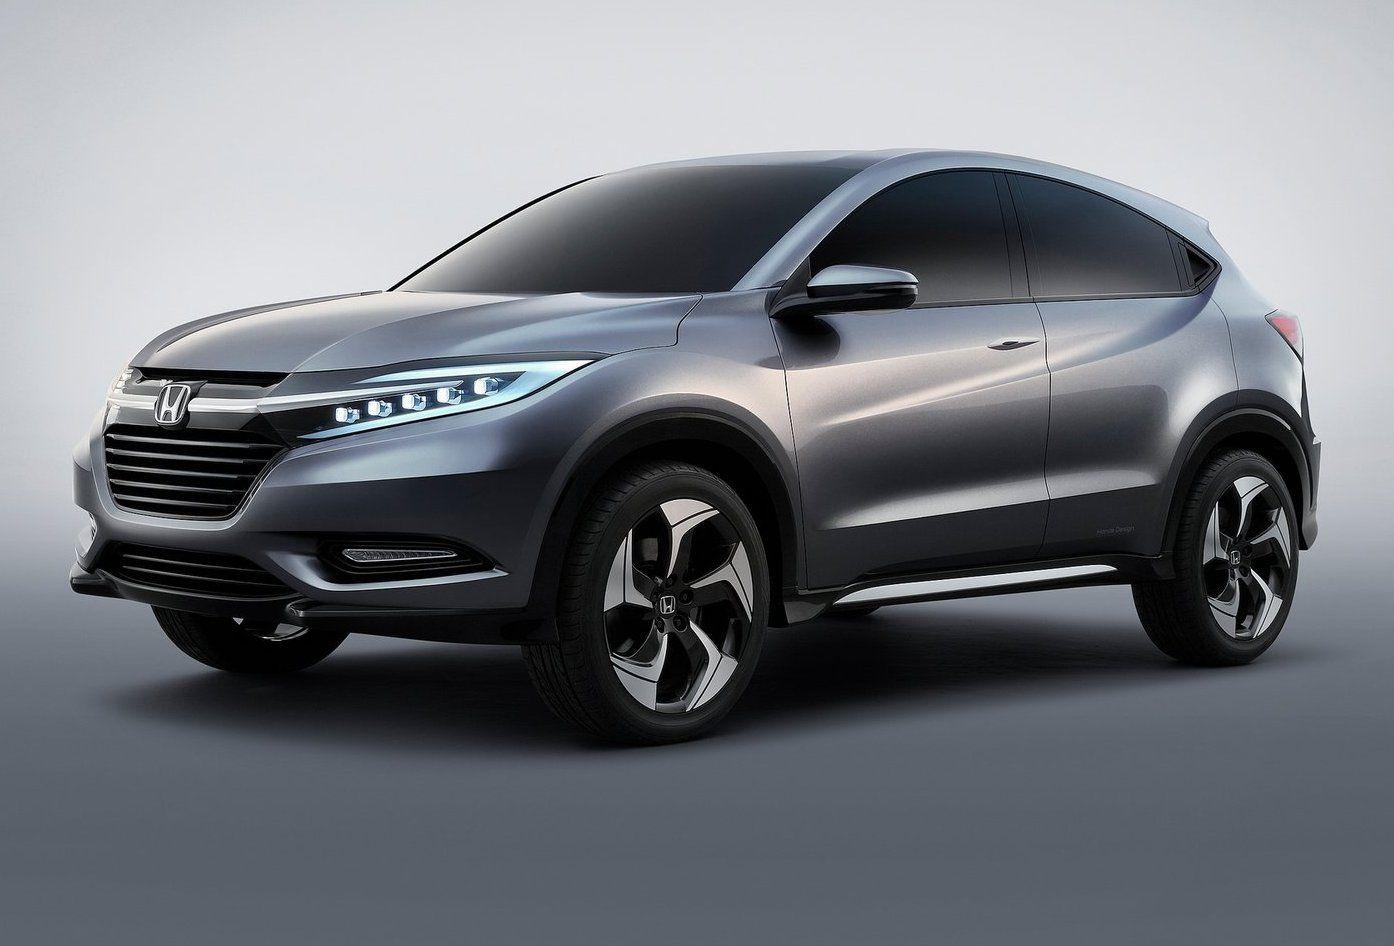 Honda urban suv 2013